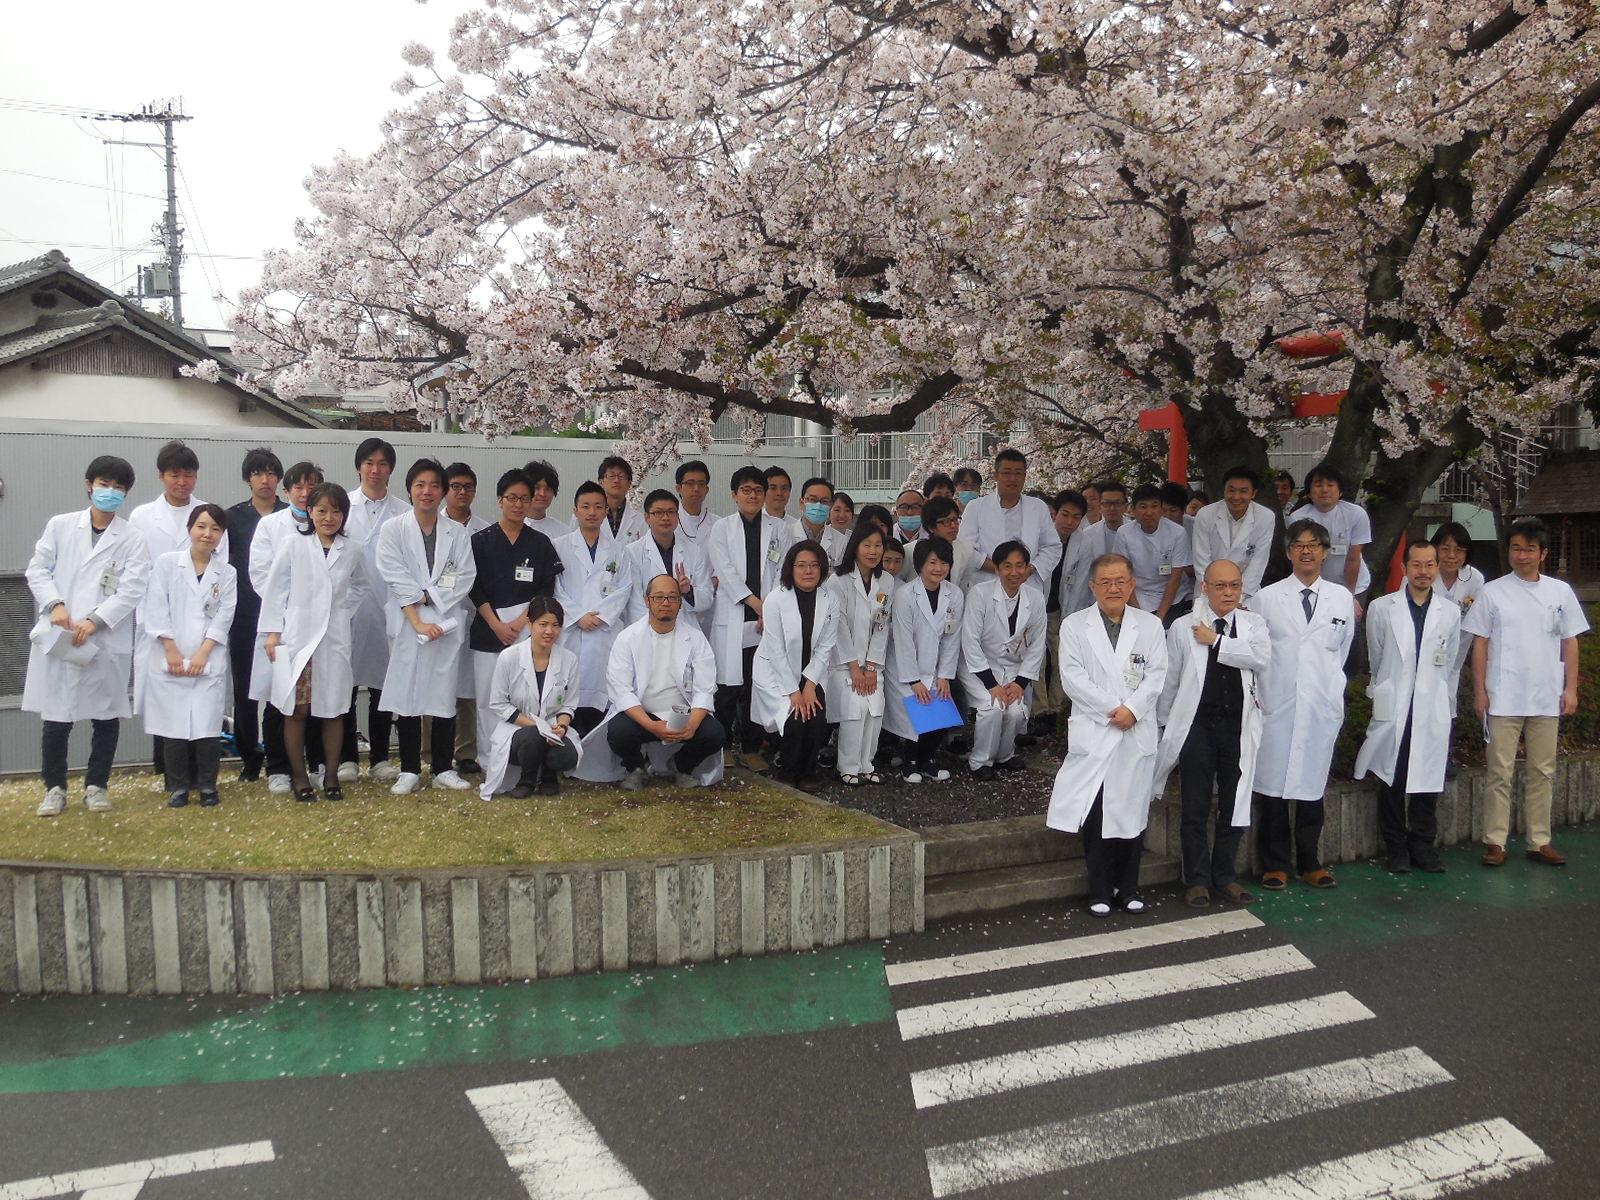 2017.5.1時点で常勤医師55名(内、精神科医49名、内科医4名、放射線科医1名、整形外科医1名) 充実した指導体制が魅力です。